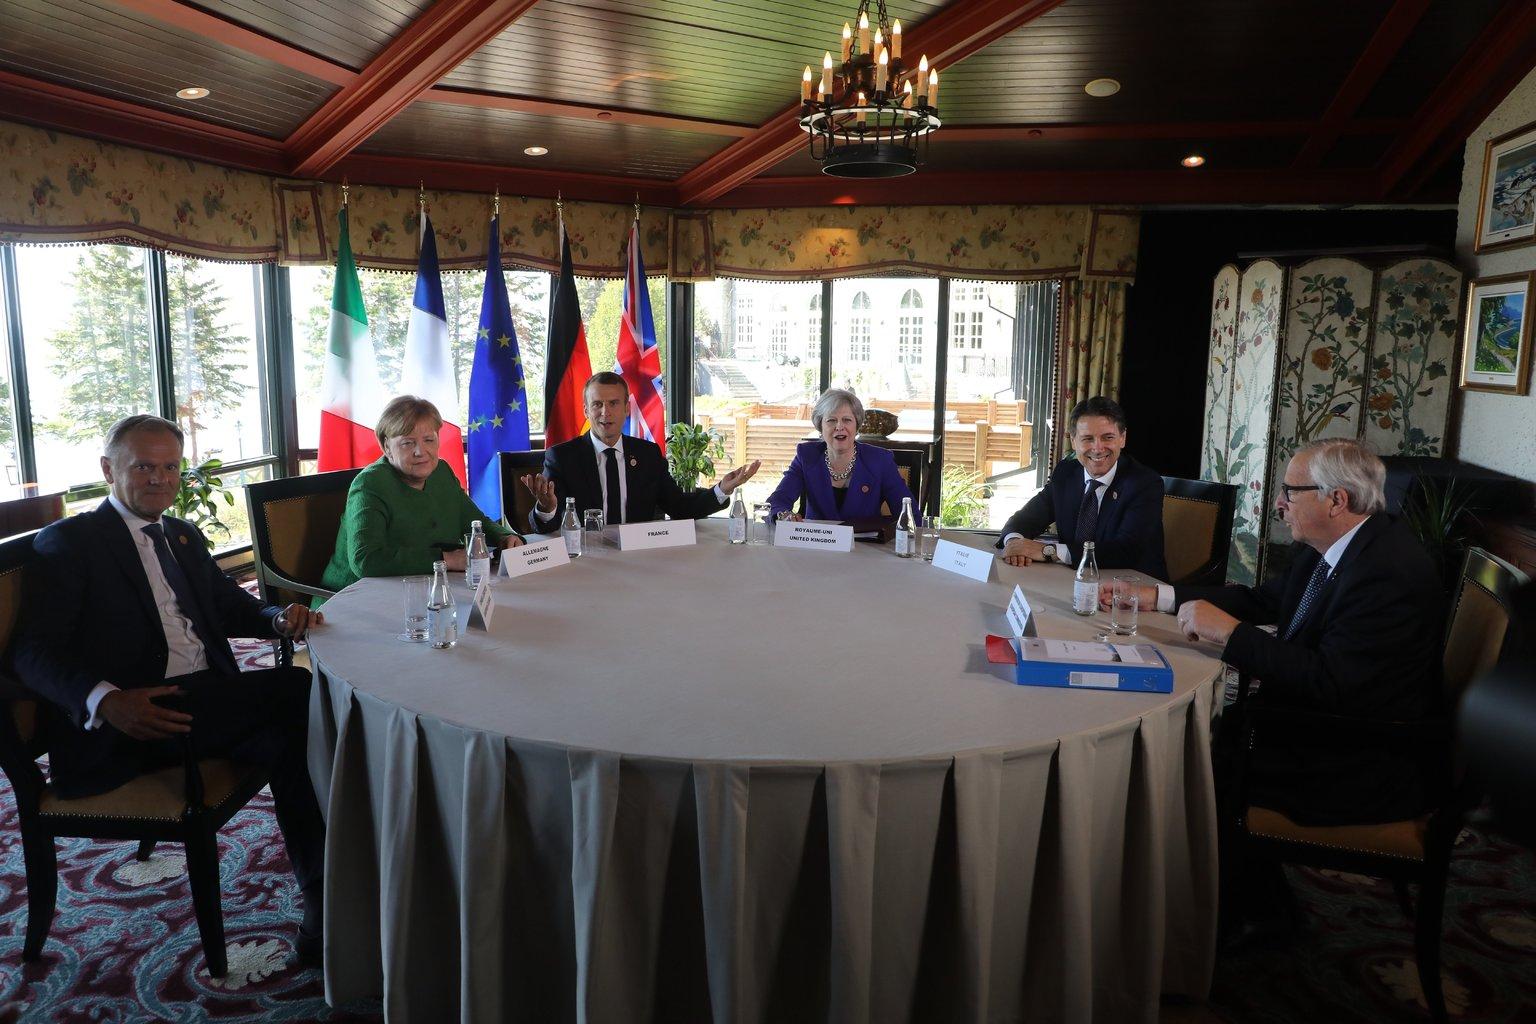 Donald Tusk, az Európai tanács elnöke, Angela Merkel német kancellár, Emmanuel Macron francia elnök, Theresa May brit, Giuseppe Conte olasz miniszterelnök és Jean-Claude Juncker, az Európai Bizottság elnöke (b-j) a világ hét iparilag legfejlettebb államát tömörítő csoport, a G7 kanadai csúcstalálkozója során tartott találkozójukon a kanadai La Malbaiében 2018. június 8-án, a kétnapos tanácskozás első napján. (MTI/EPA pool/Ludovic Marin)